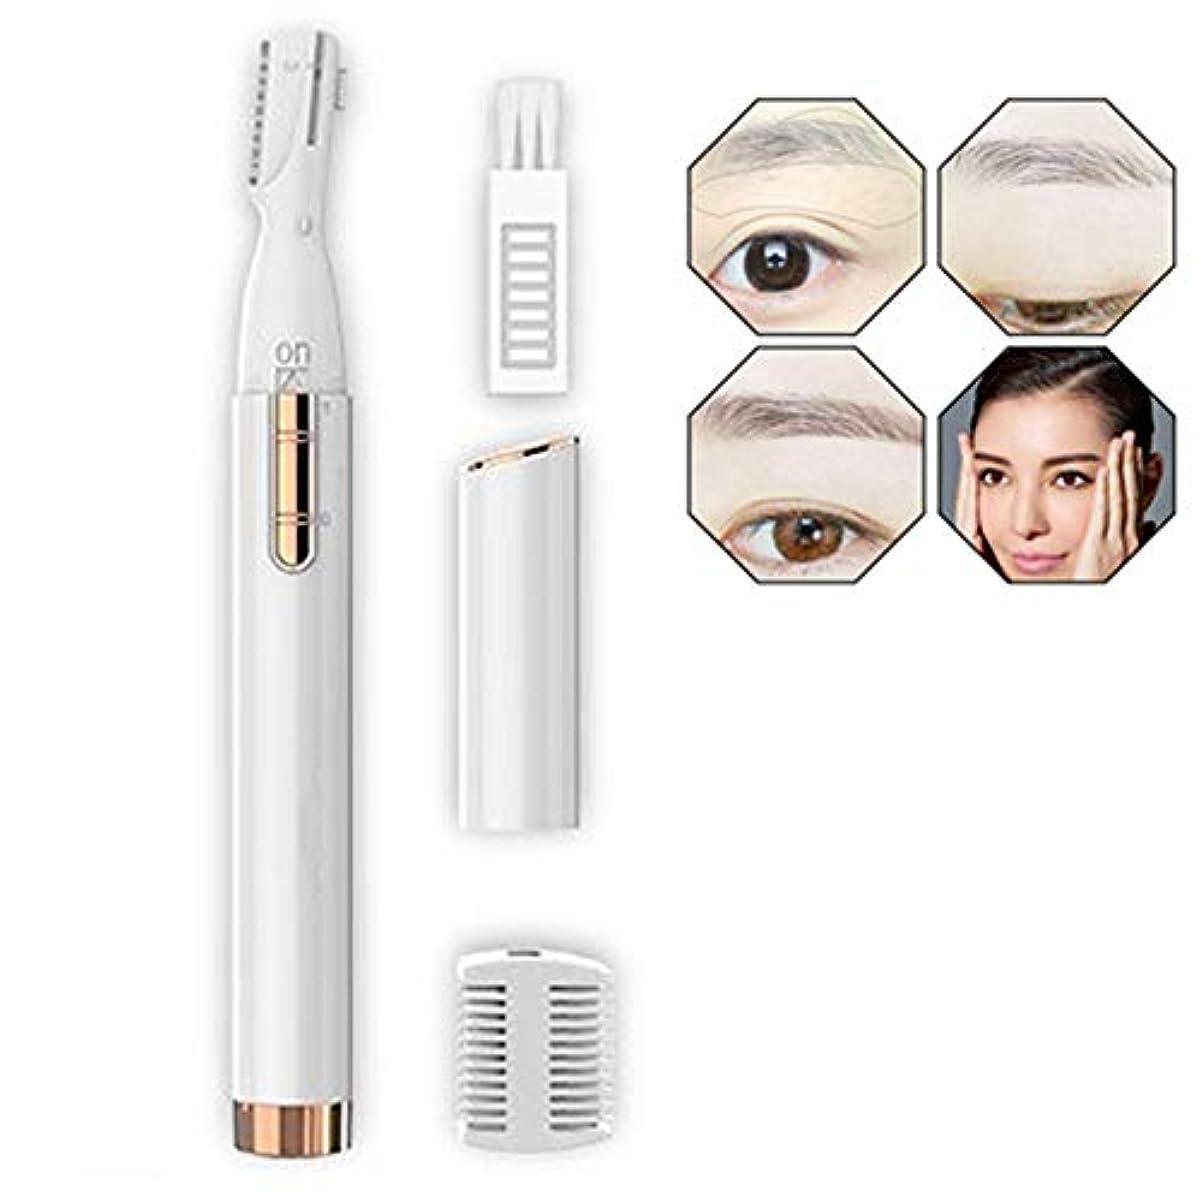 土曜日効能ある洗う電動アイブロナイフ、ミニレディース自動眉毛ナイフシェービングヘア(赤、白),白